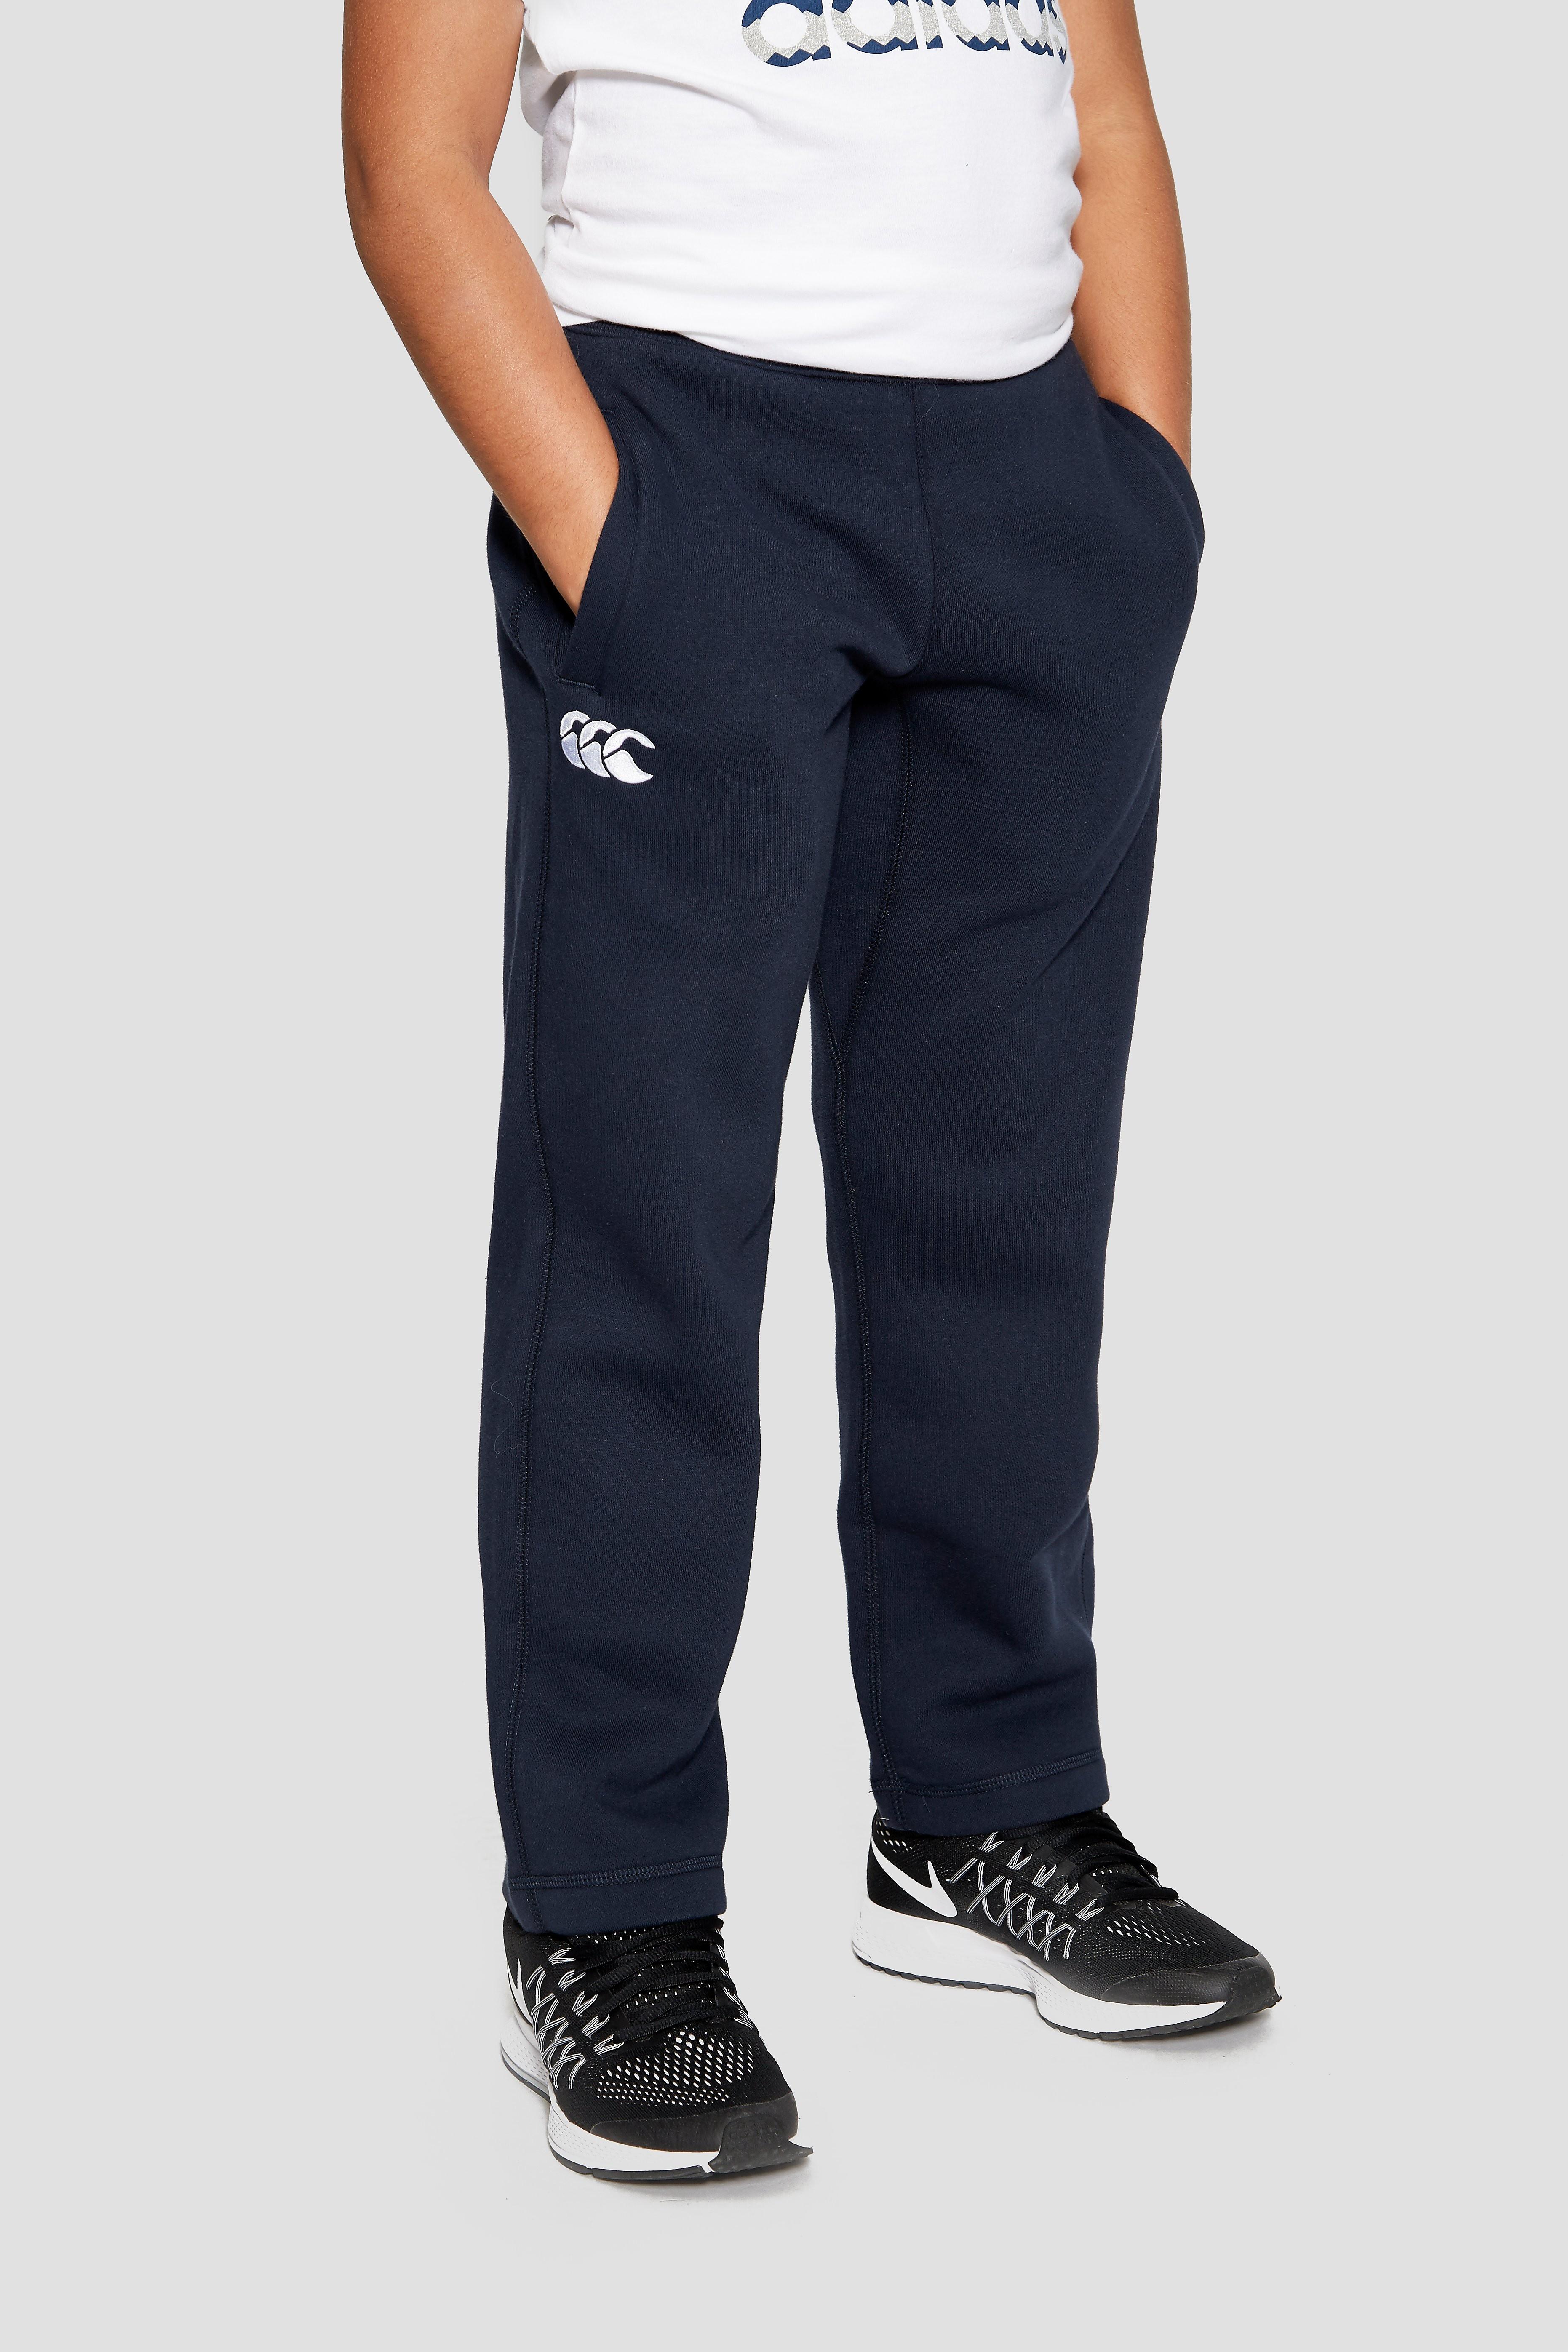 Canterbury Combination Junior Sweatpant